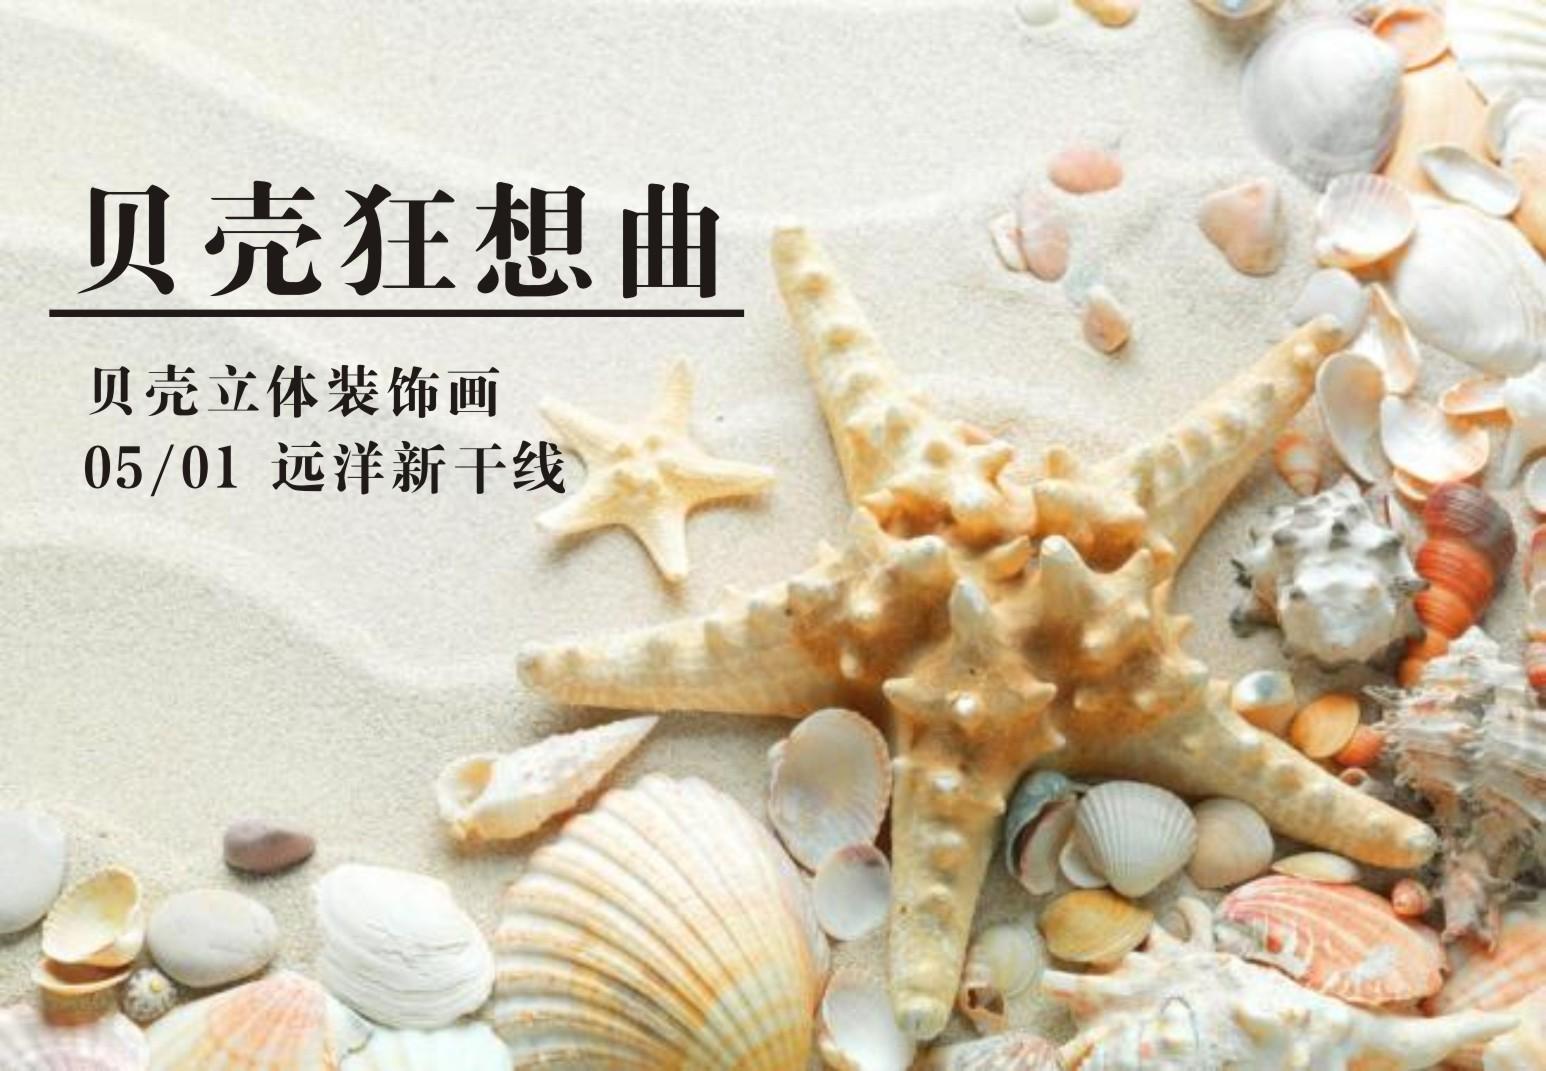 【手工艺术】贝壳狂想曲--组合一幅贝壳立体装饰画+画只七星瓢虫